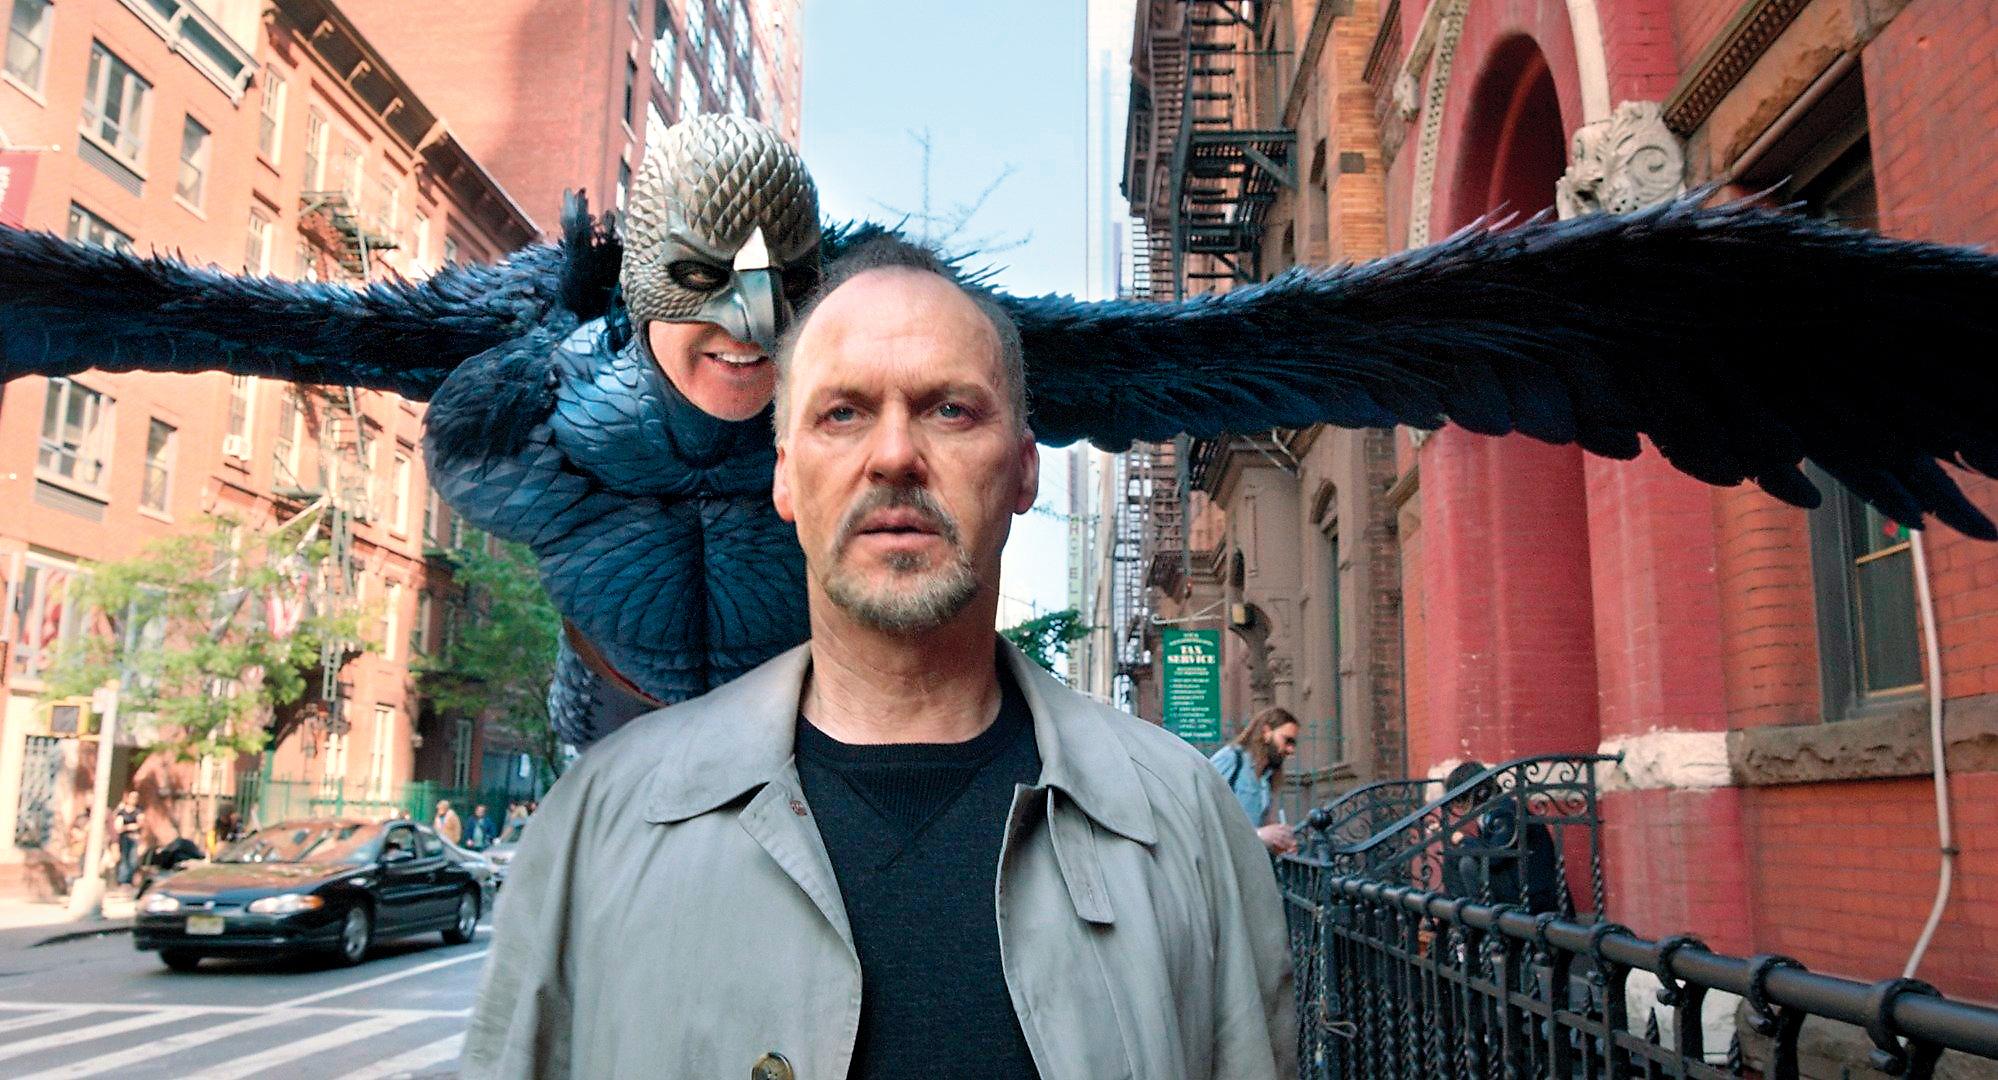 pelicula birdman - Los ganadores de los Oscars 2015 Oscars 2015 Los ganadores de los Oscars 2015 pelicula birdman